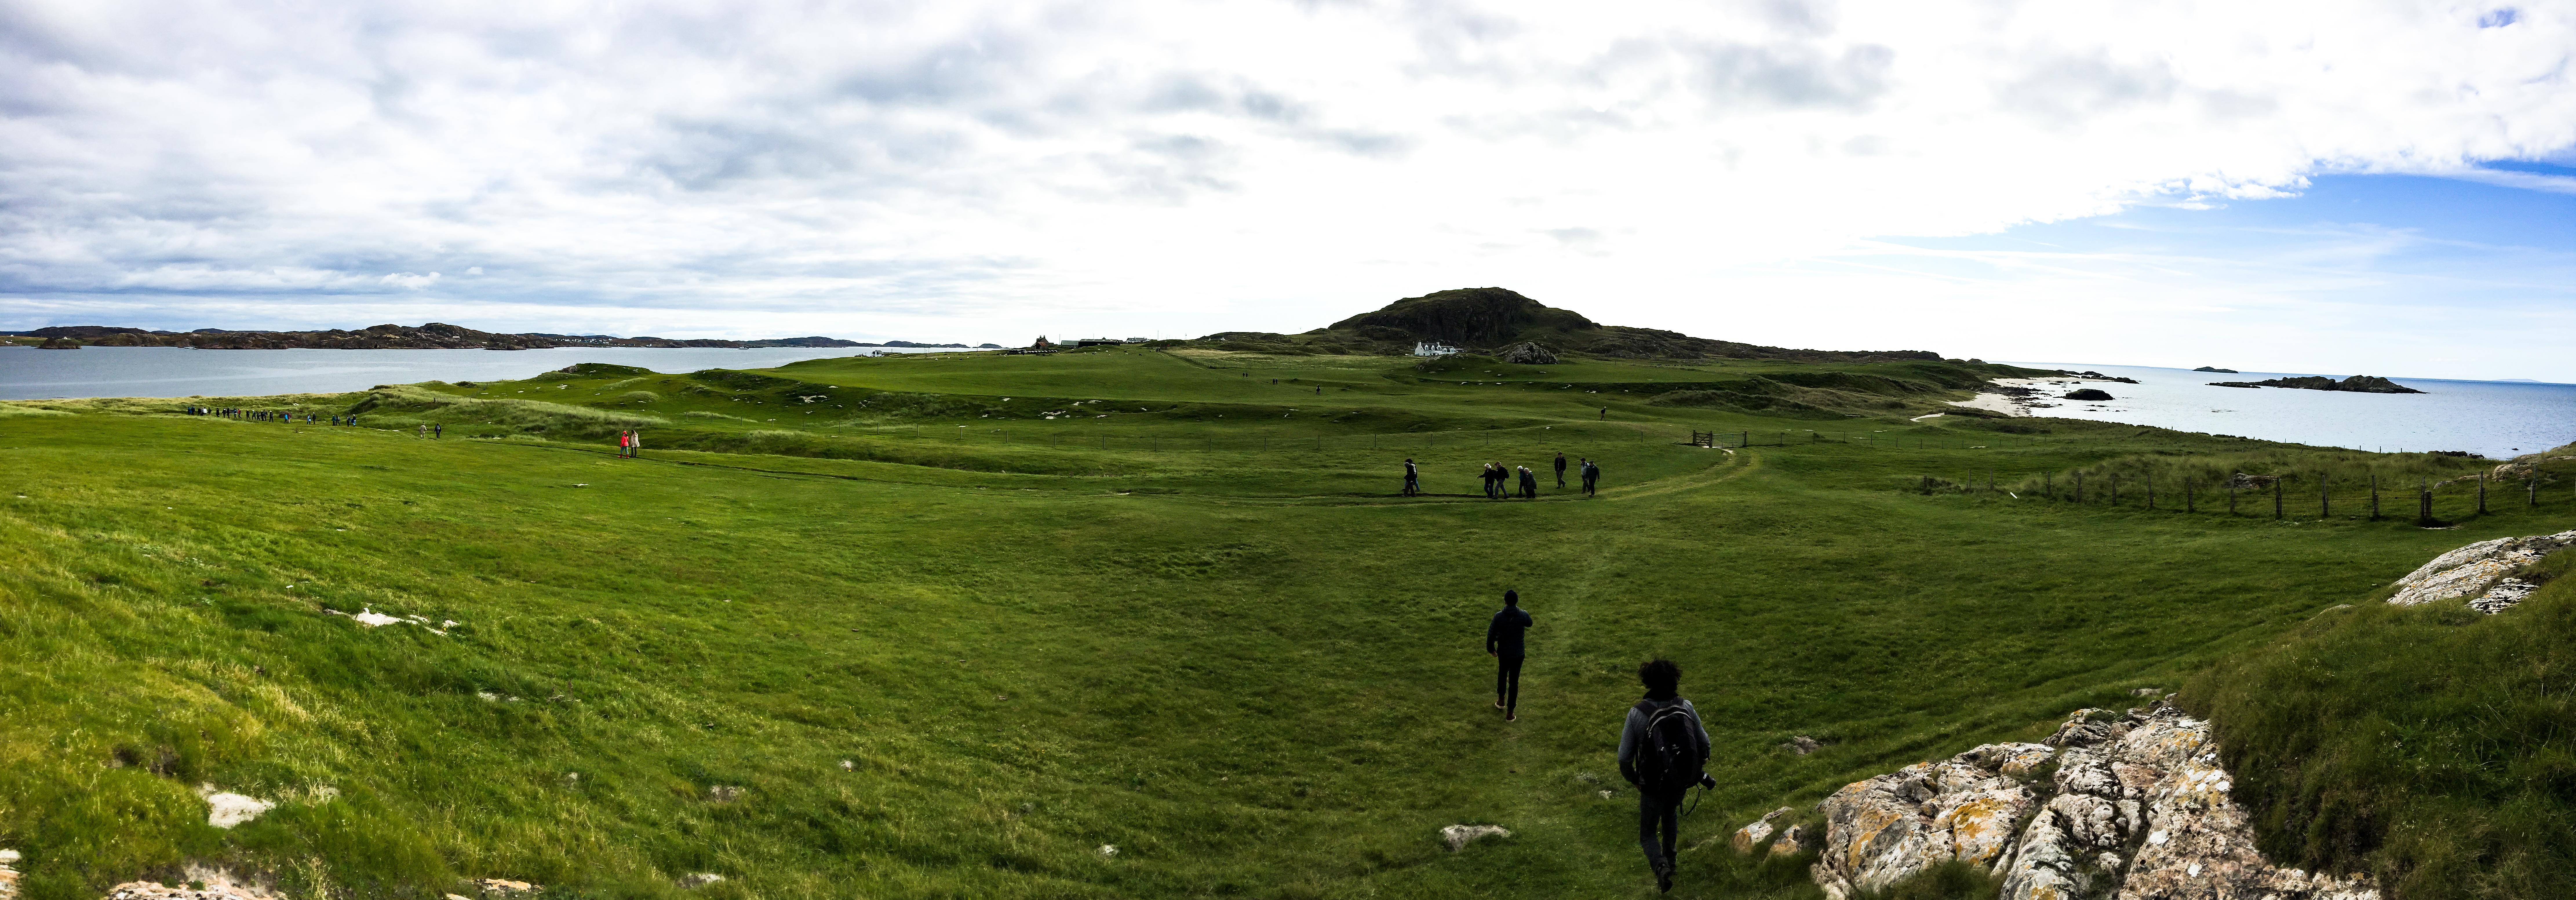 Wunderschöne kleine Insel vor Schottland